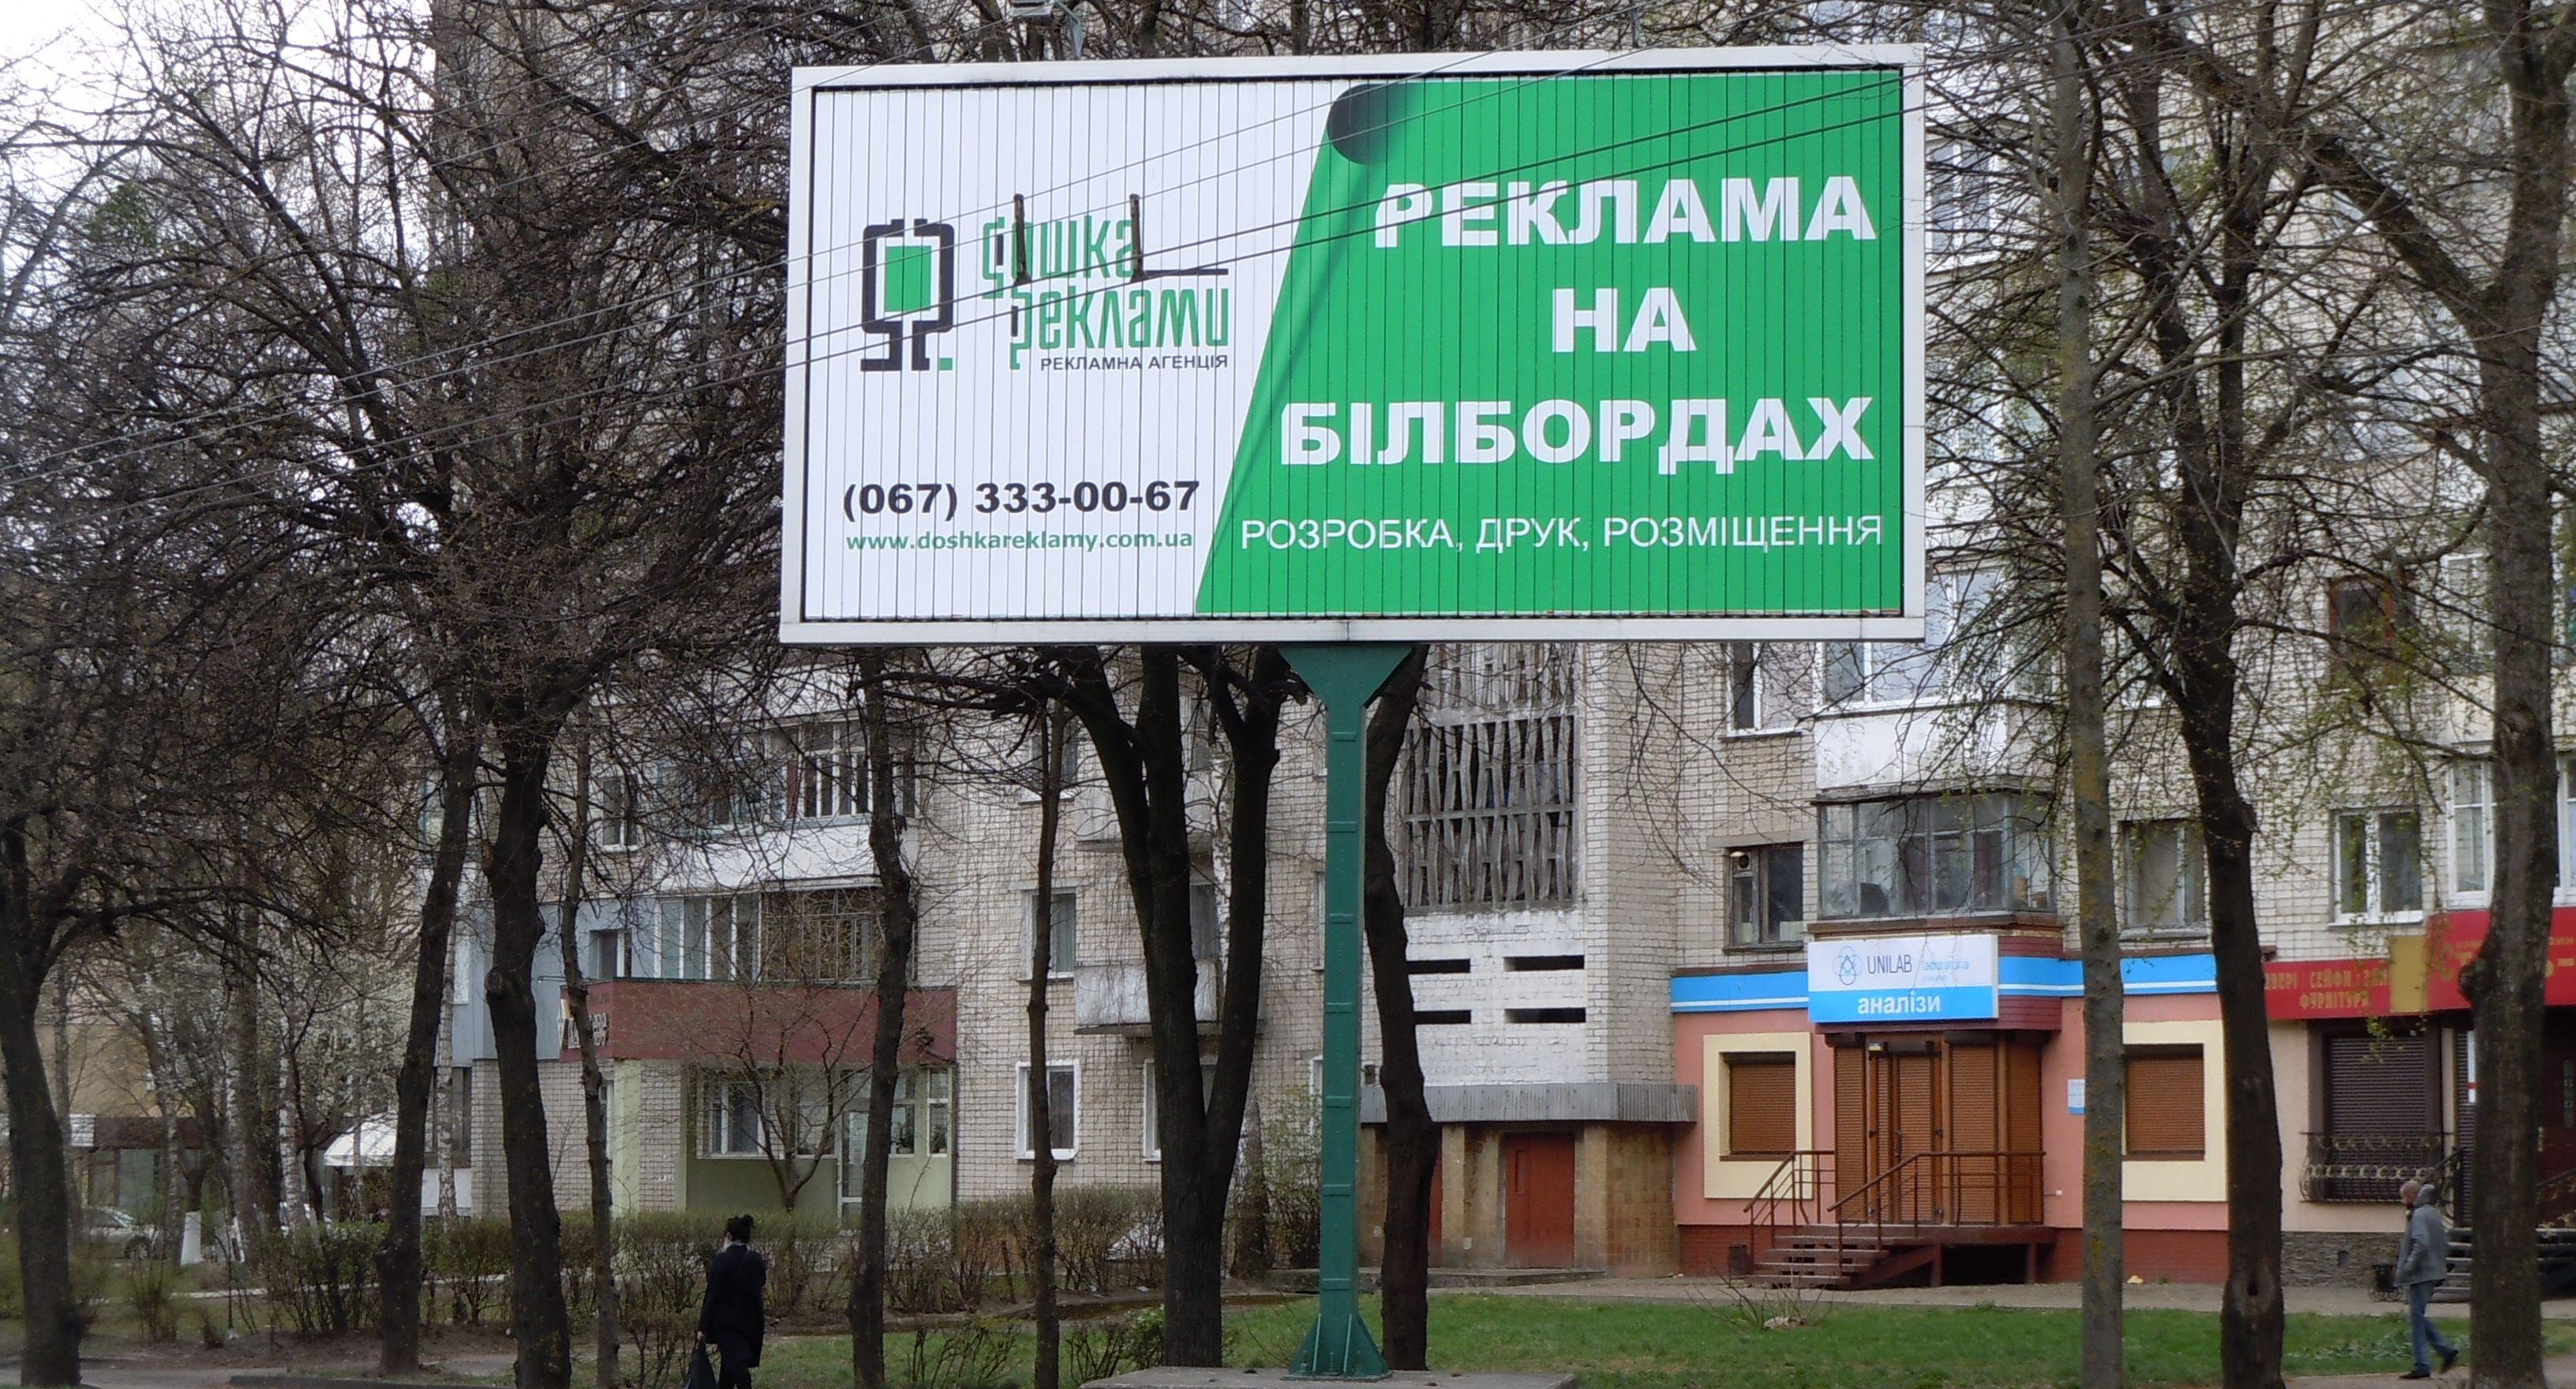 Білборд, РА Дошка реклами, Рівне